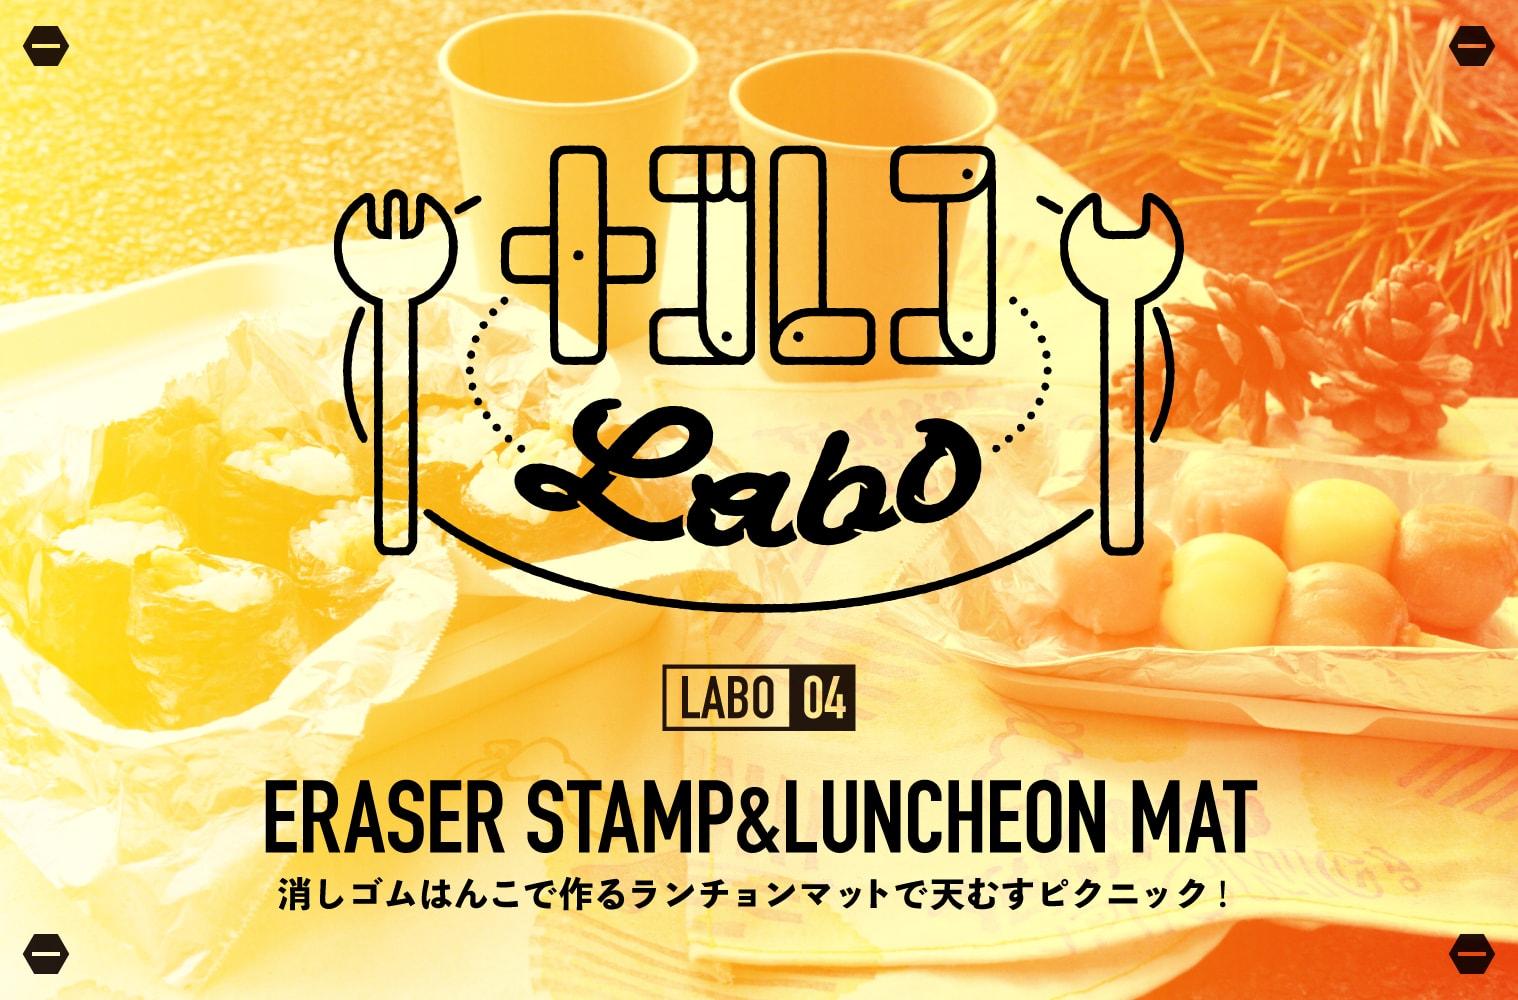 ナゴレコLABO|04:消しゴムはんこで作るランチョンマットで天むすピクニック!